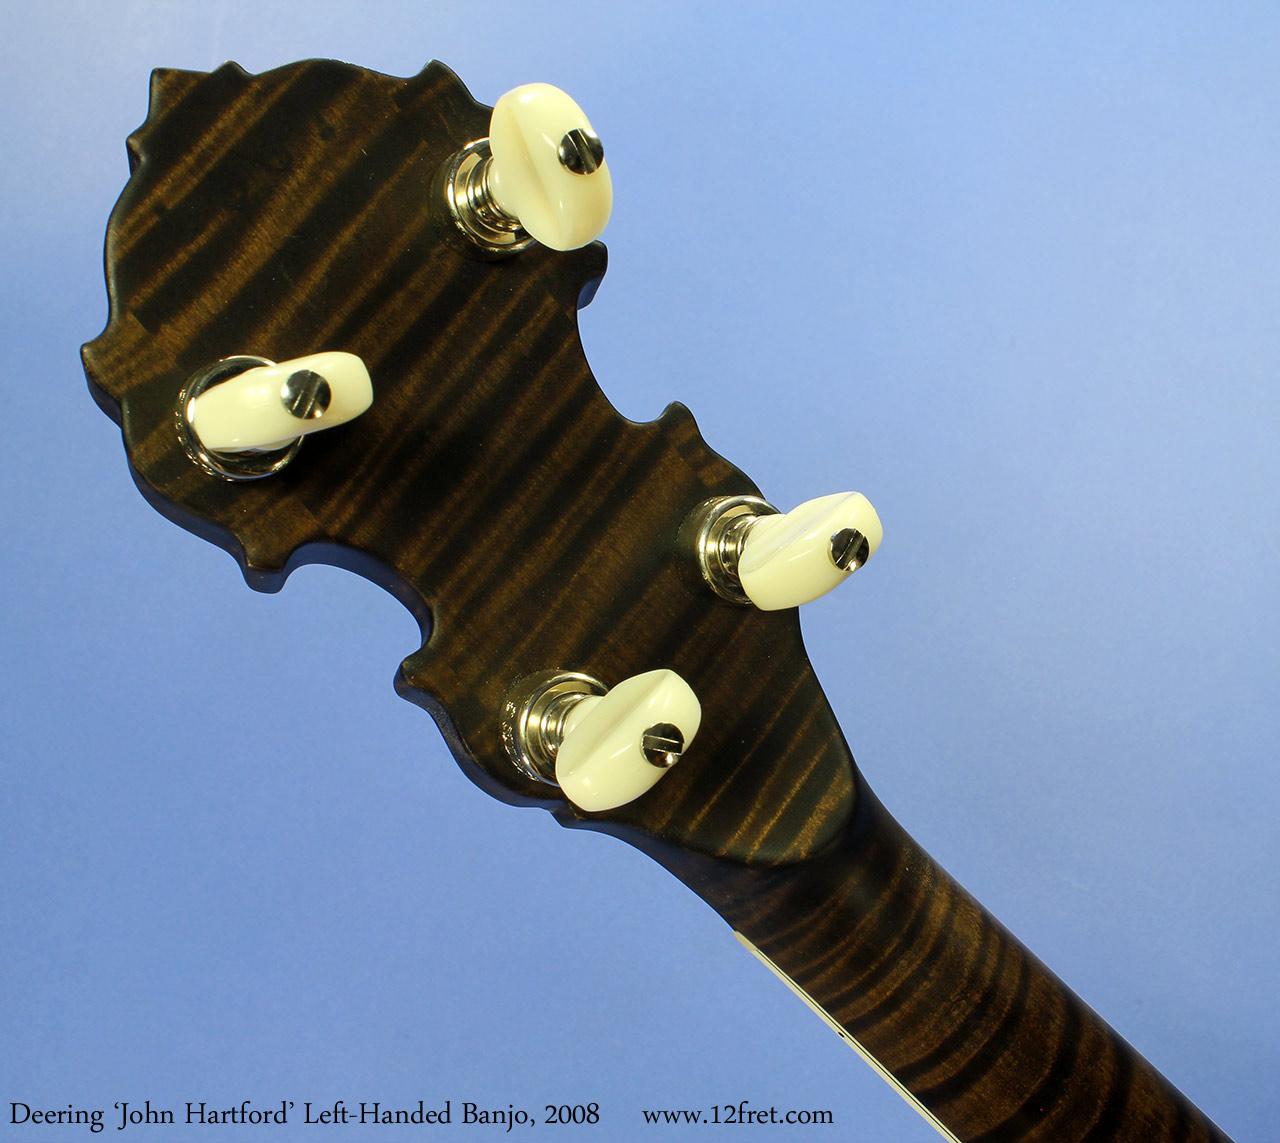 deering-hartford-banjo-lh-2008-cons-head-rear-1